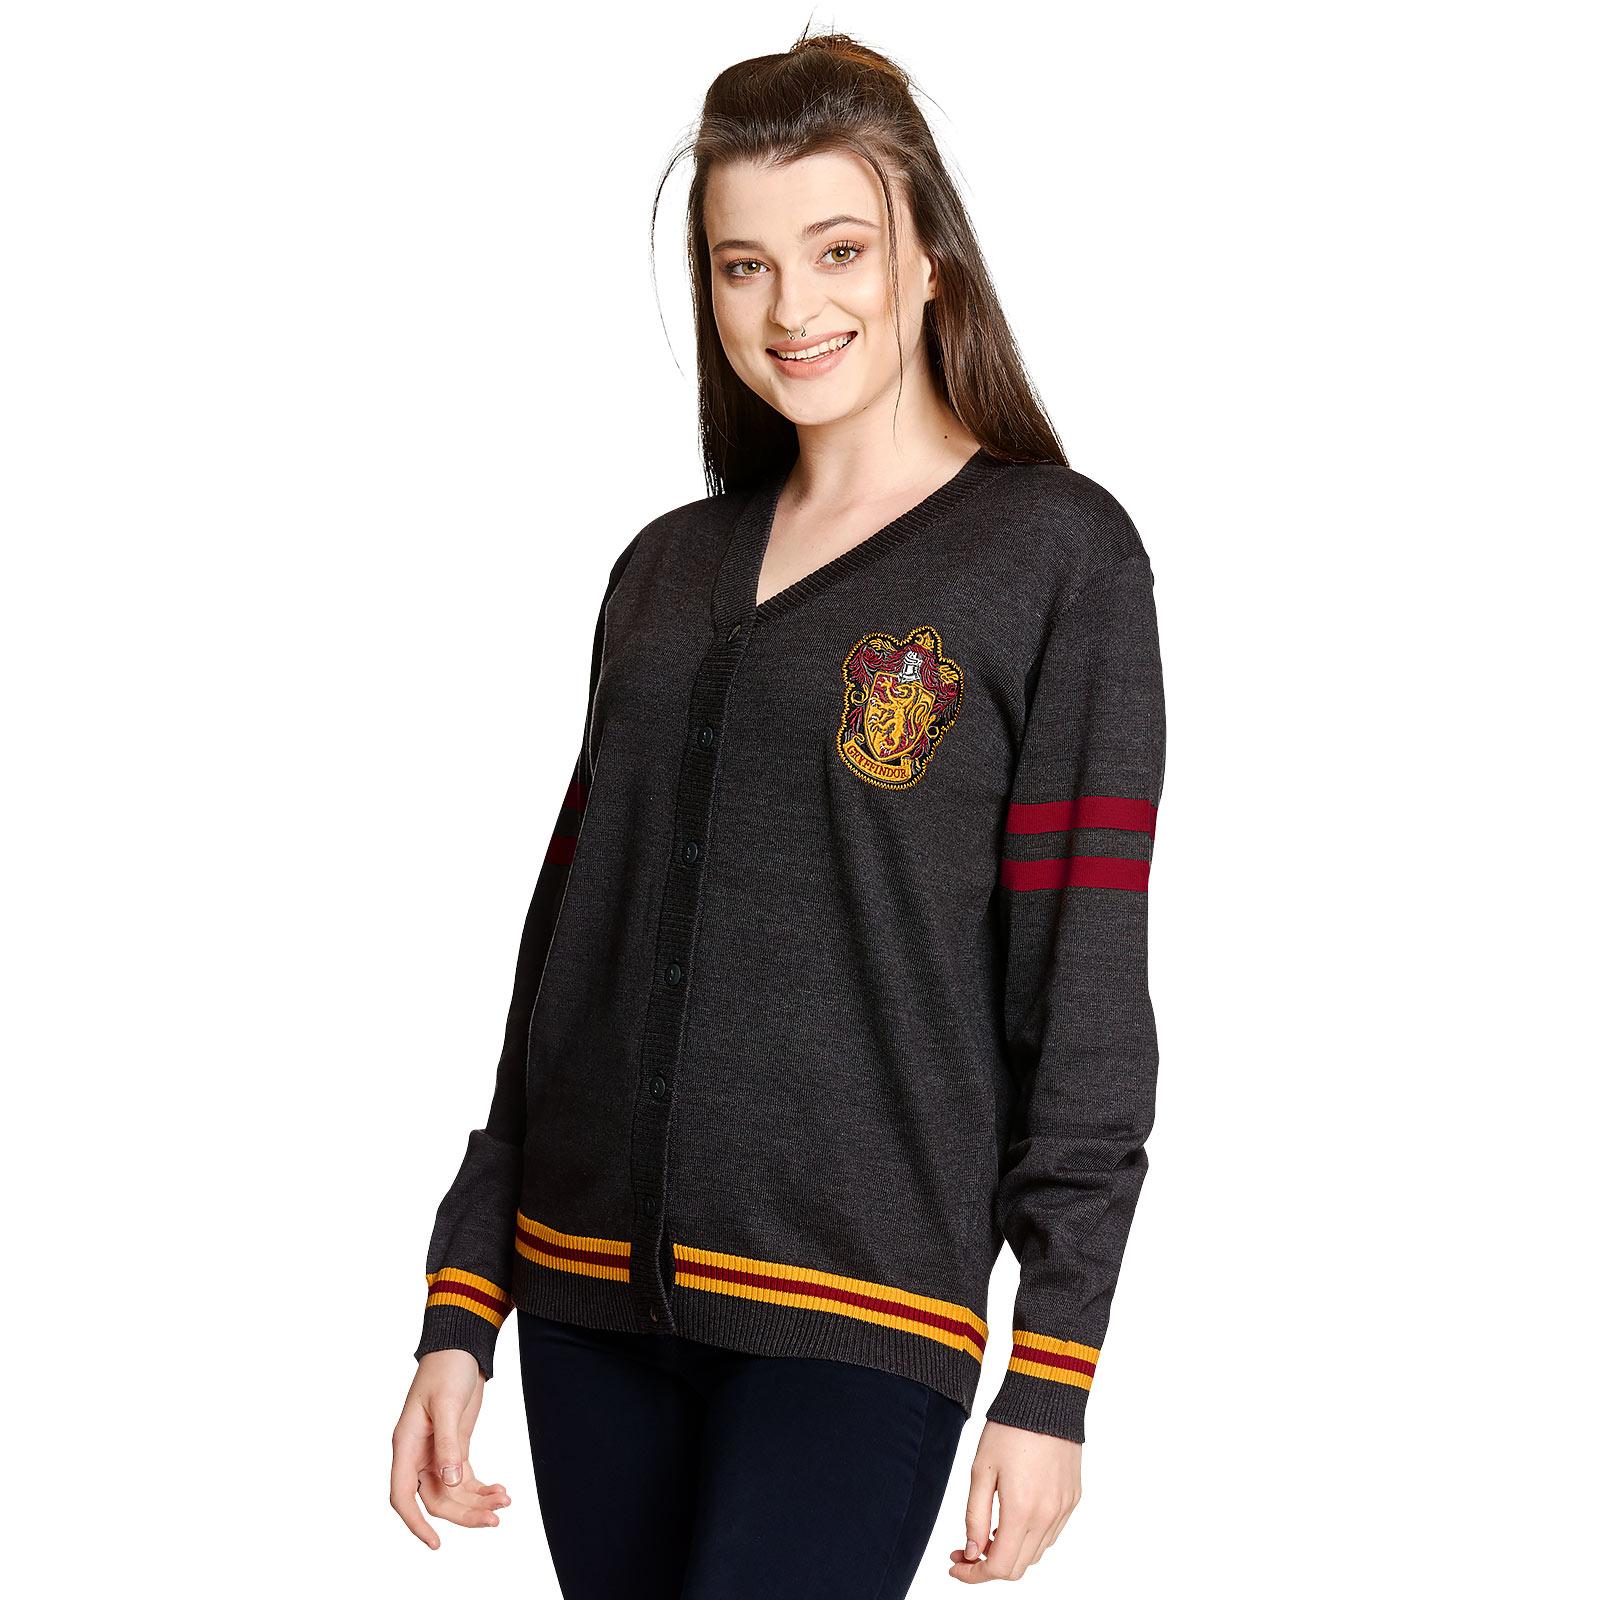 Harry Potter - Gryffindor Cardigan mit Wappen